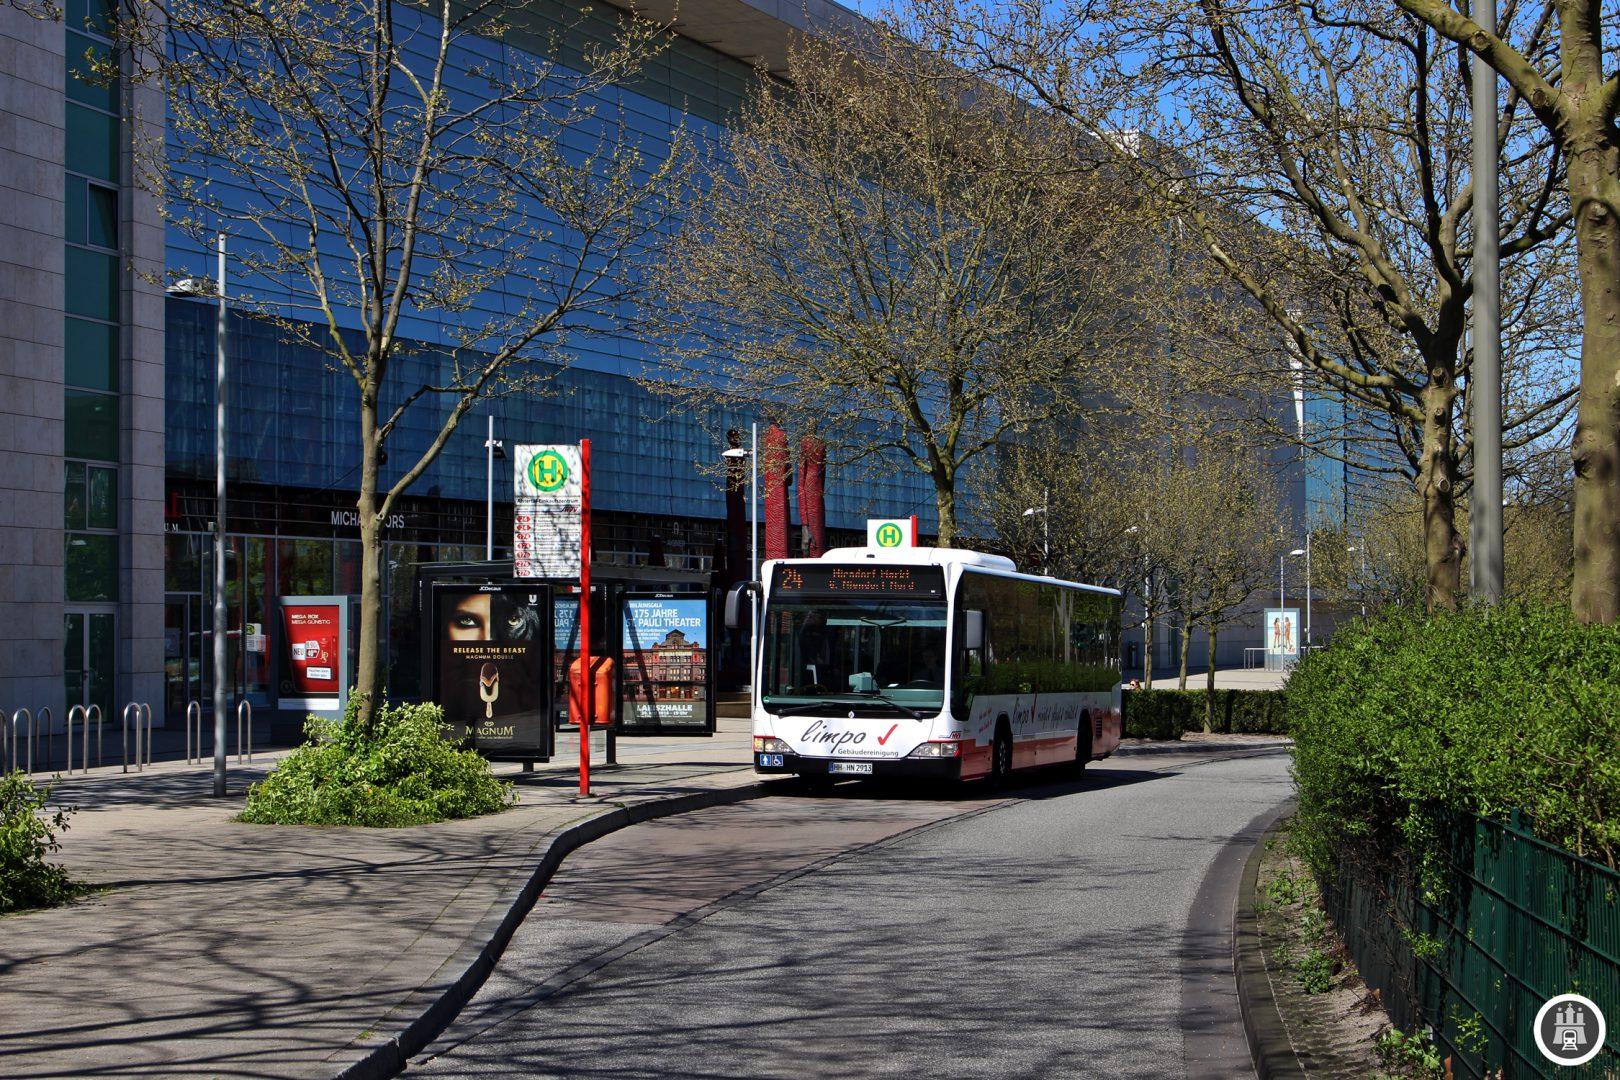 Das AEZ wurde 1970 eröffnet und ist mit etwa 240 Geschäften einer der größten Einkaufszentren Norddeutschlands. Die Lage am Schnittpunkt aller Poppenbüttler Buslinien macht es auch zu einem Zentrum des Hamburger Nordostens. Hier arbeiten etwa 2000 Mitarbeiter.